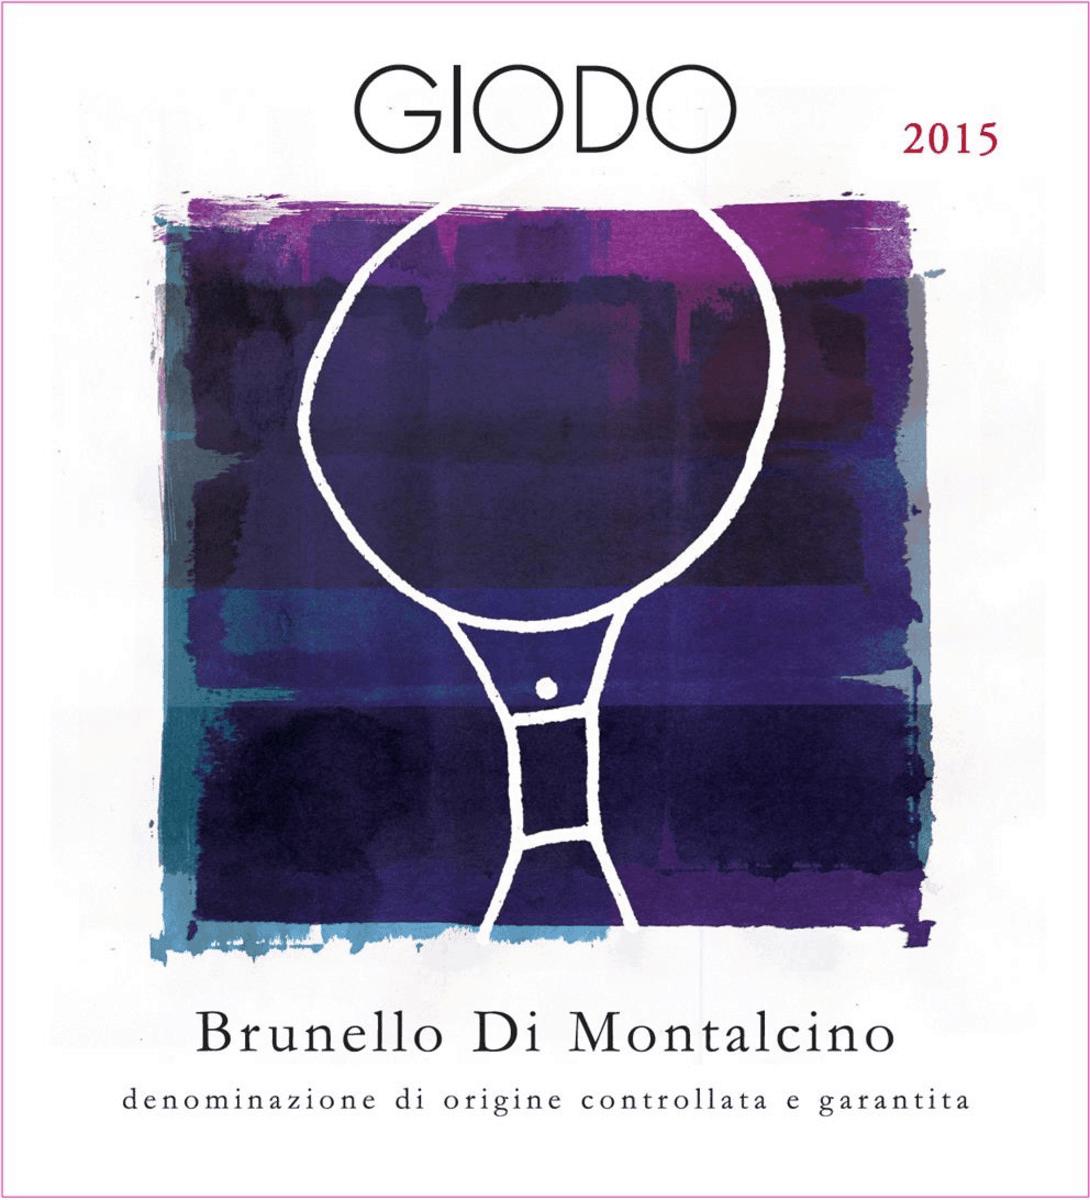 Giodo made an excellent 2015 Brunello di Montalcino.